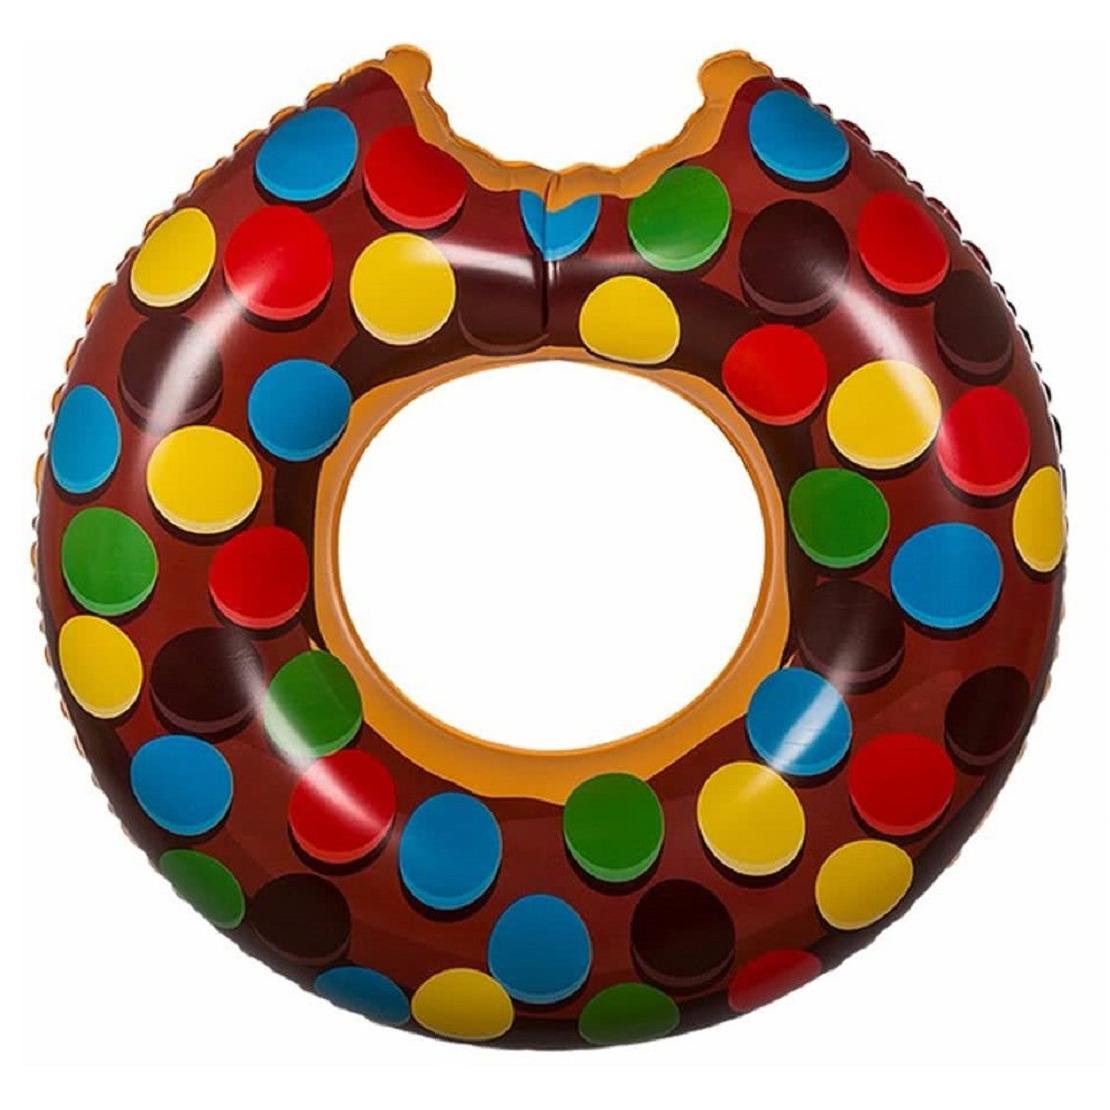 Opblaasbare donut zwemband met spikkels